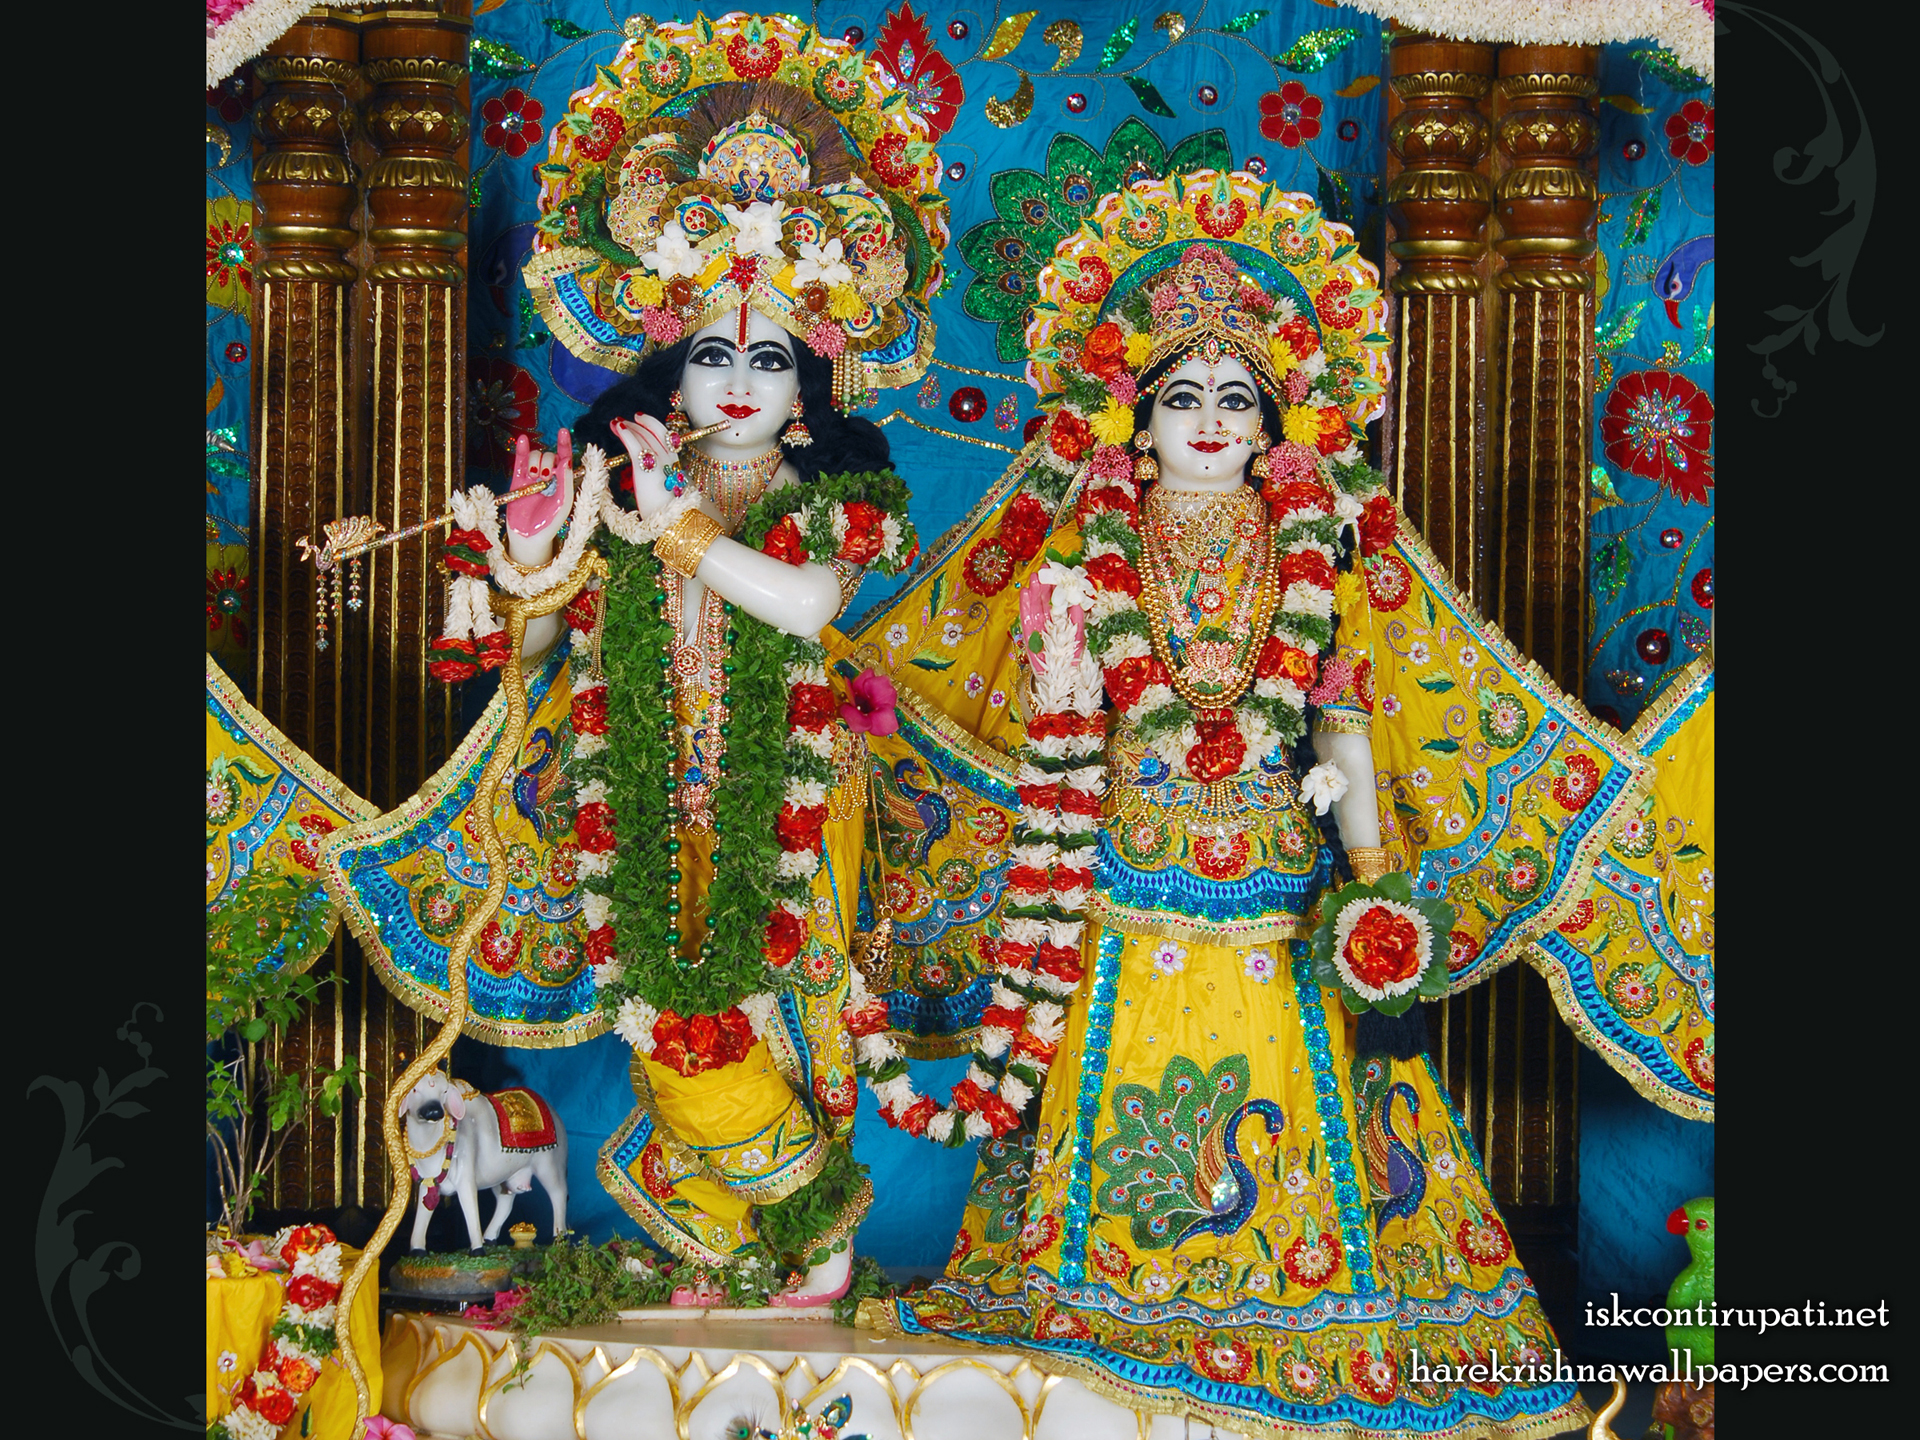 Sri Sri Radha Govinda Wallpaper (001) Size 1920x1440 Download